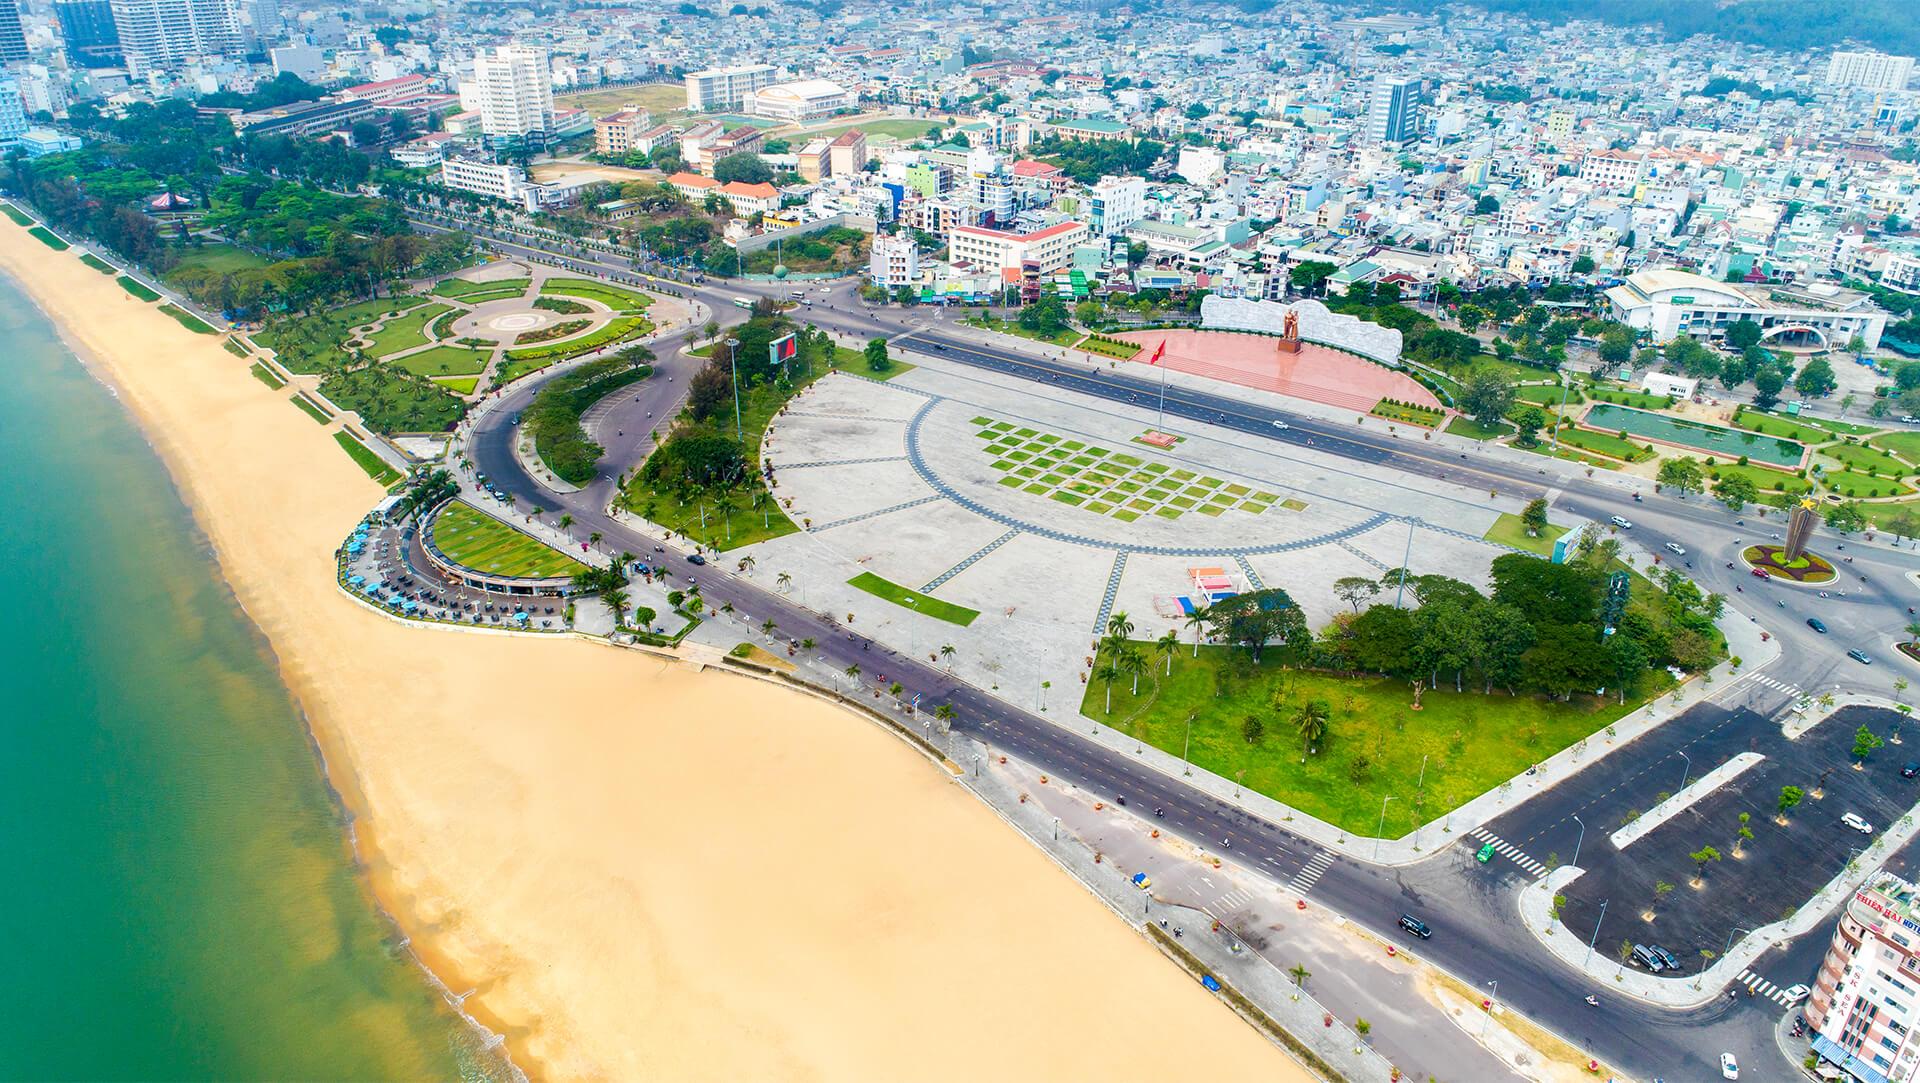 Dự án đất nền Hưng Thịnh, Căn hộ Q7 - QUY NHƠN - ĐIỂM ĐẾN MỚI CỦA NHÀ ĐẦU TƯ SECOND HOME